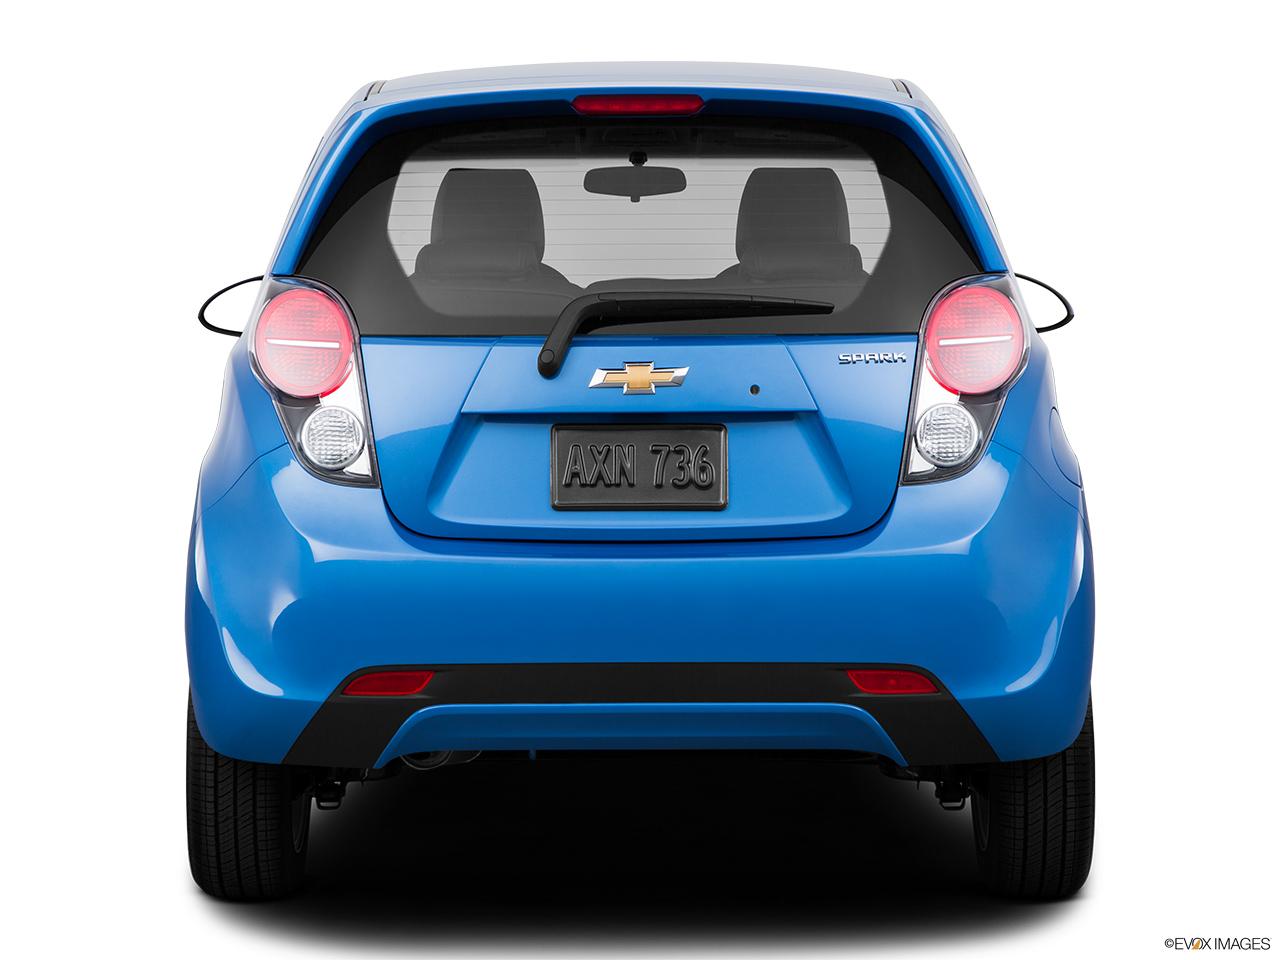 2015 Chevrolet Spark 5 Door Manual LT w/1LT Hatchback - Low/wide rear